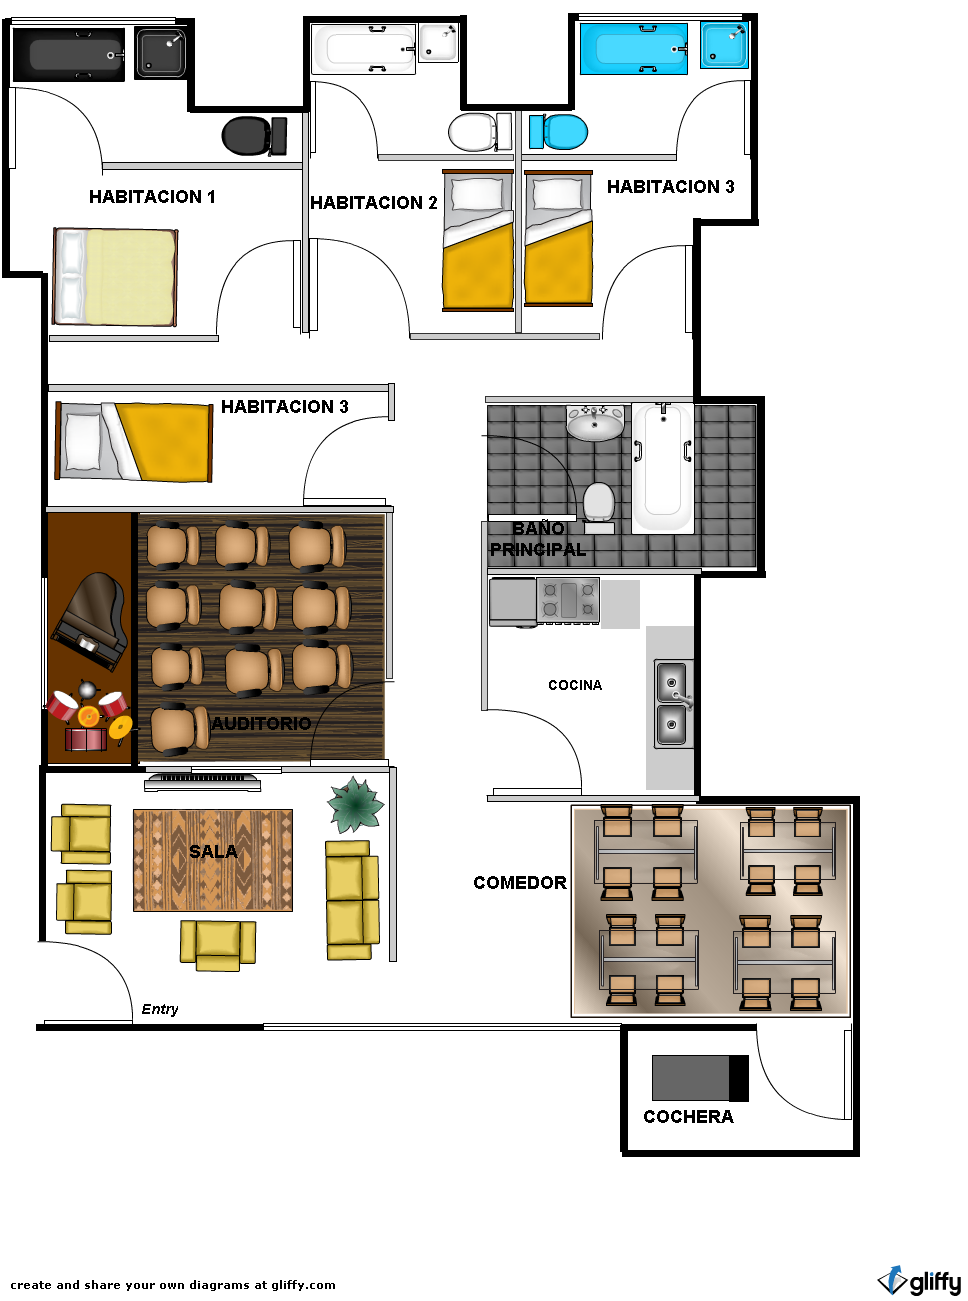 sala comedor peque os planos design casa creativa e